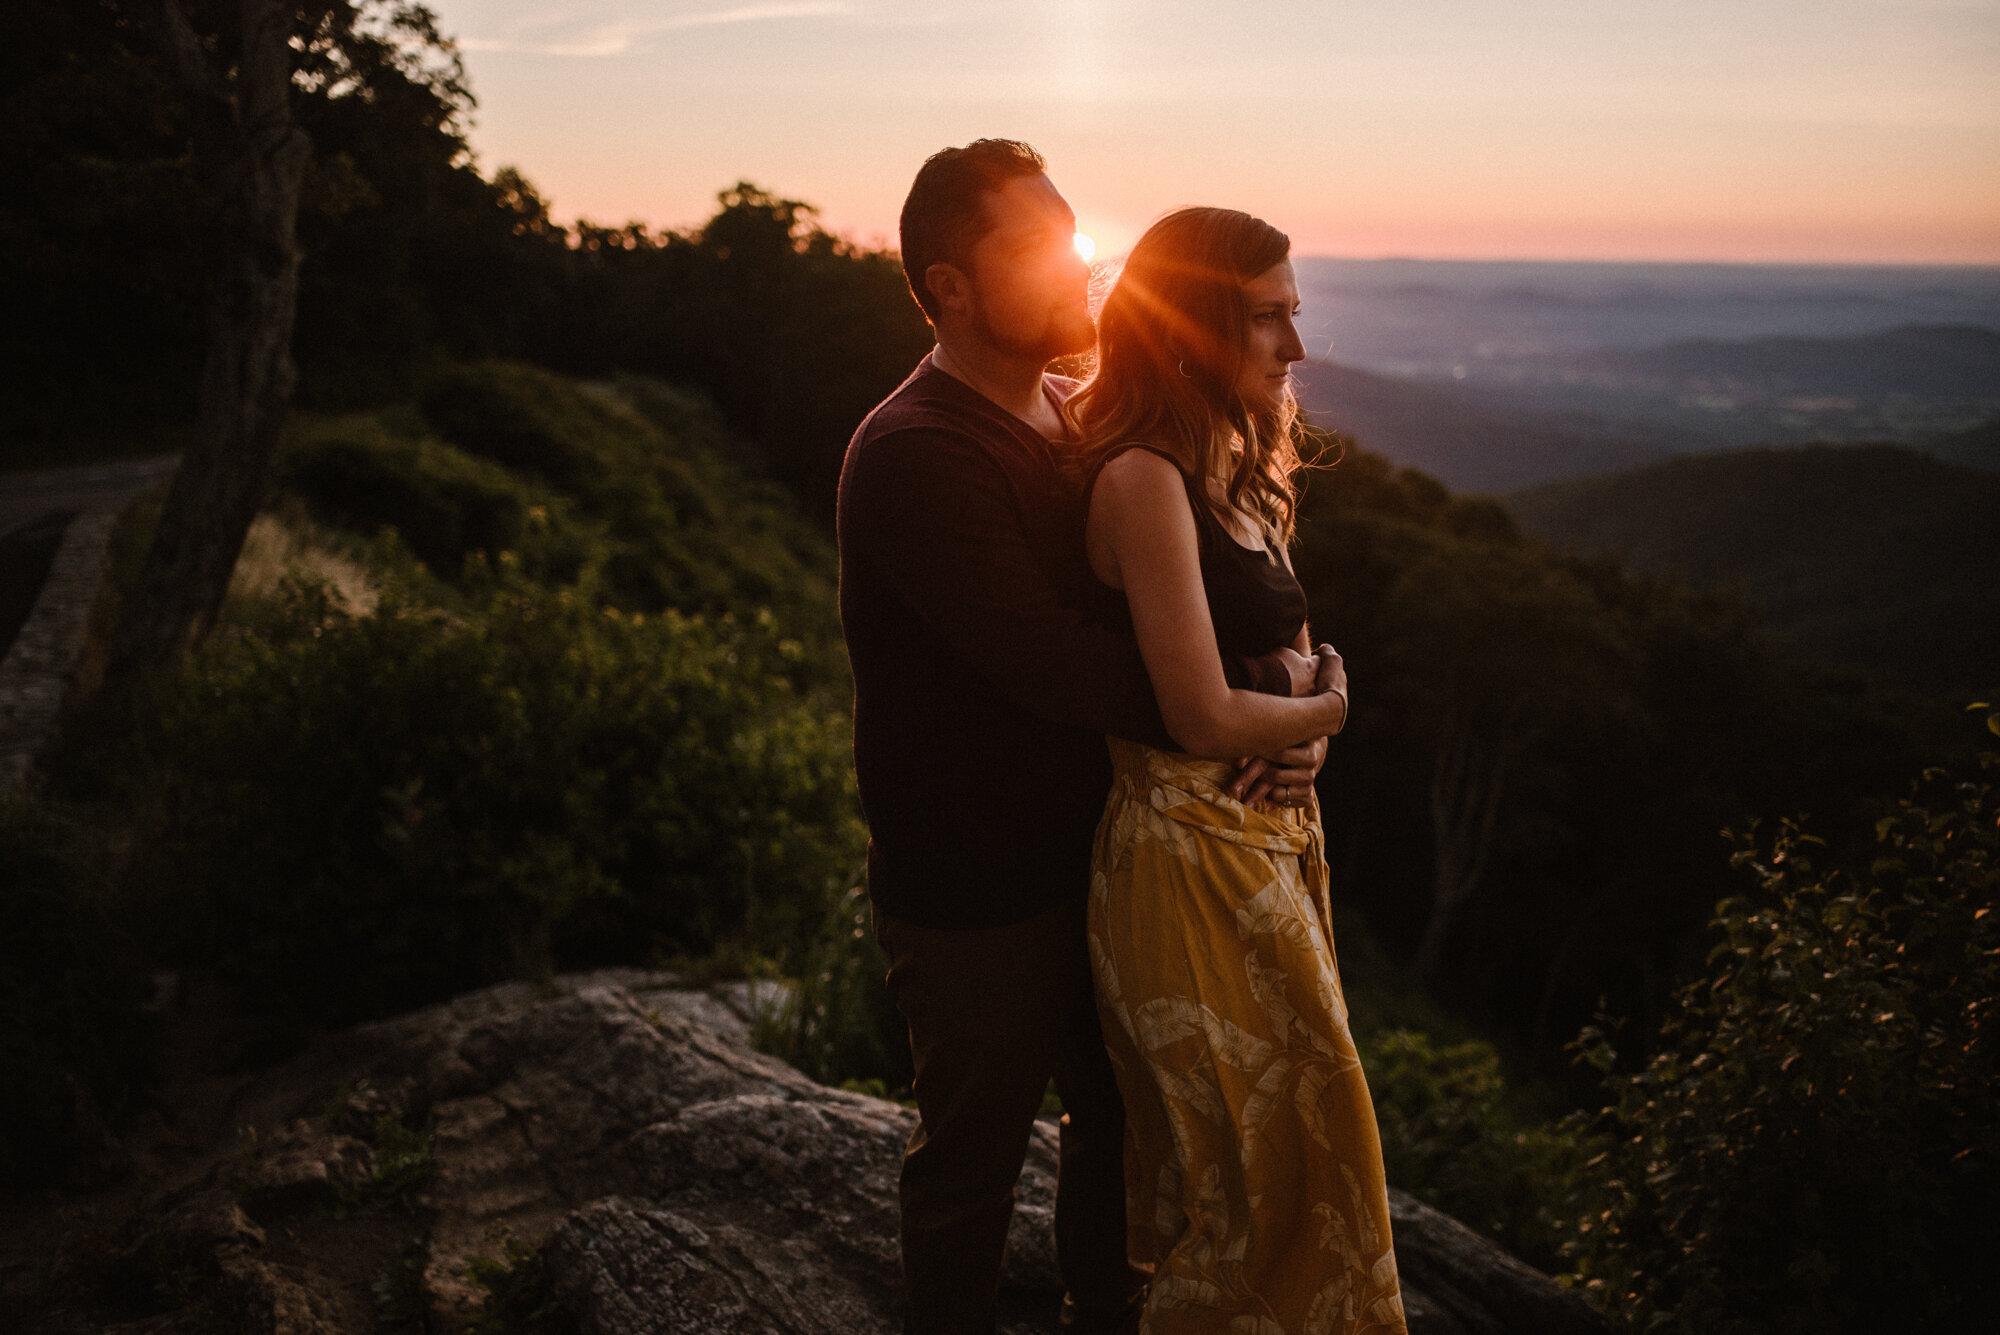 Shenandoah National Park Engagement Session - Sunrise Mountain Couple Photo Shoot - Blue Ridge Mountain Photo Shoot - Shenandoah National Park Photographer - White Sails Creative _7.jpg